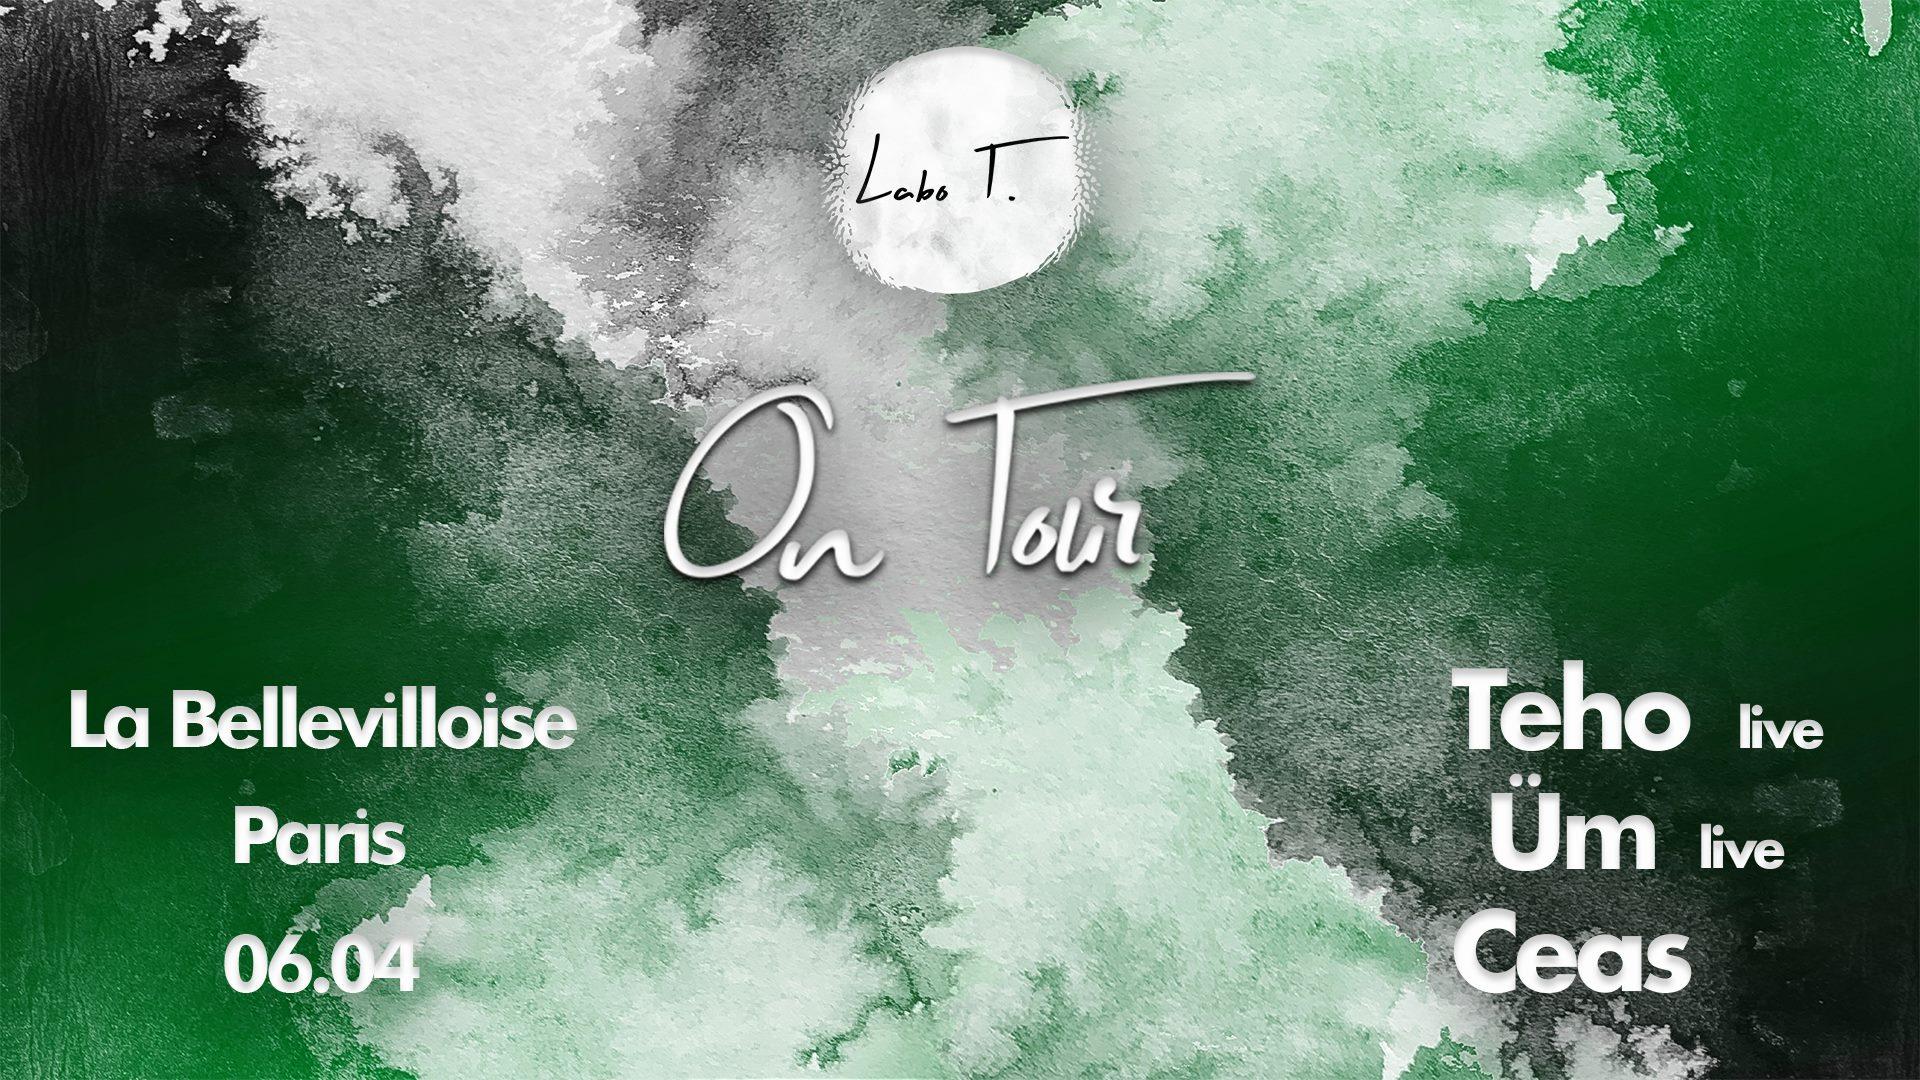 Labo T. On Tour w/ Teho, Üm, Ceas - La Bellevilloise